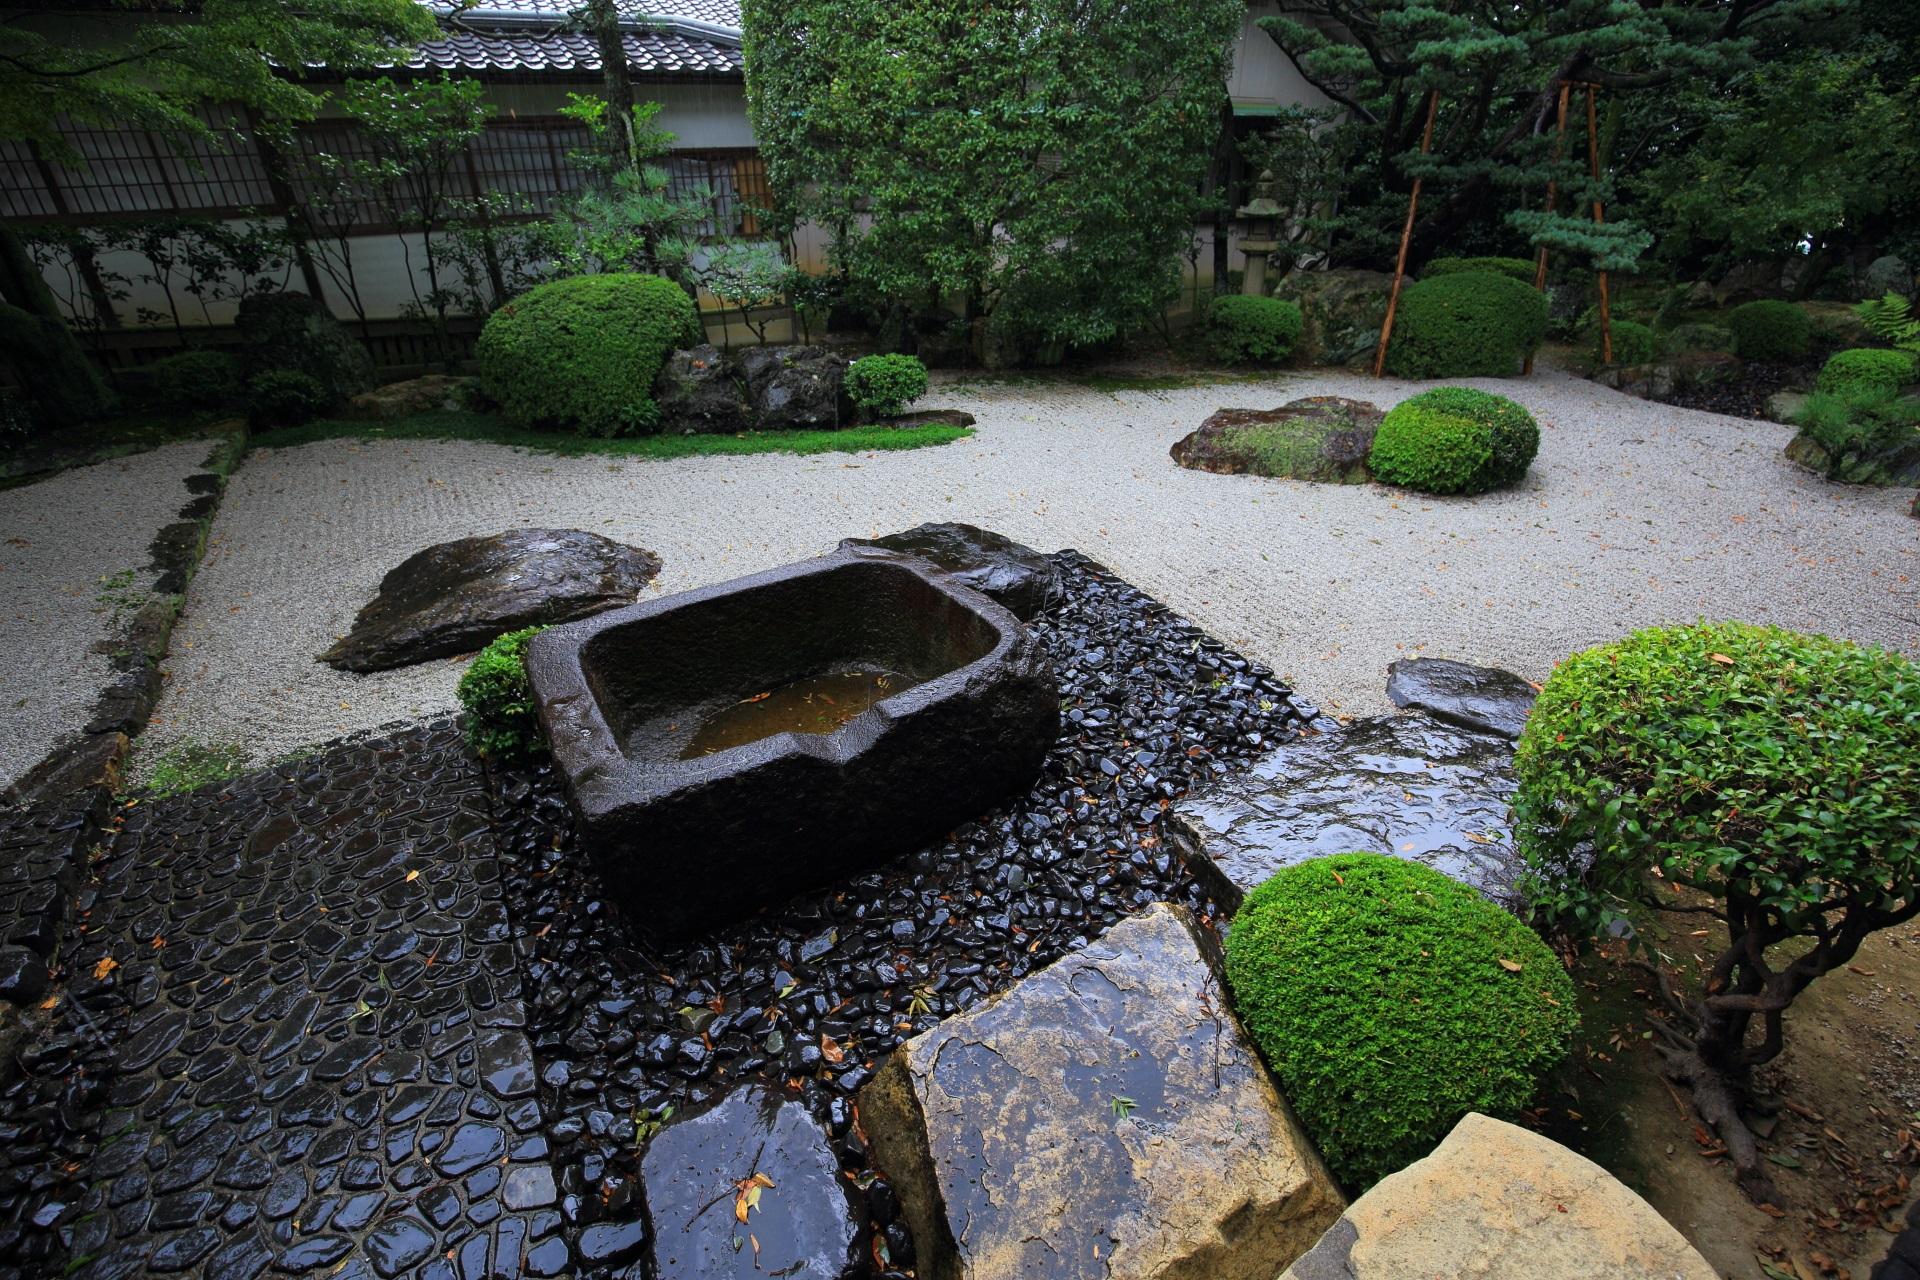 御香宮神社の枯山水庭園の大きな手水鉢